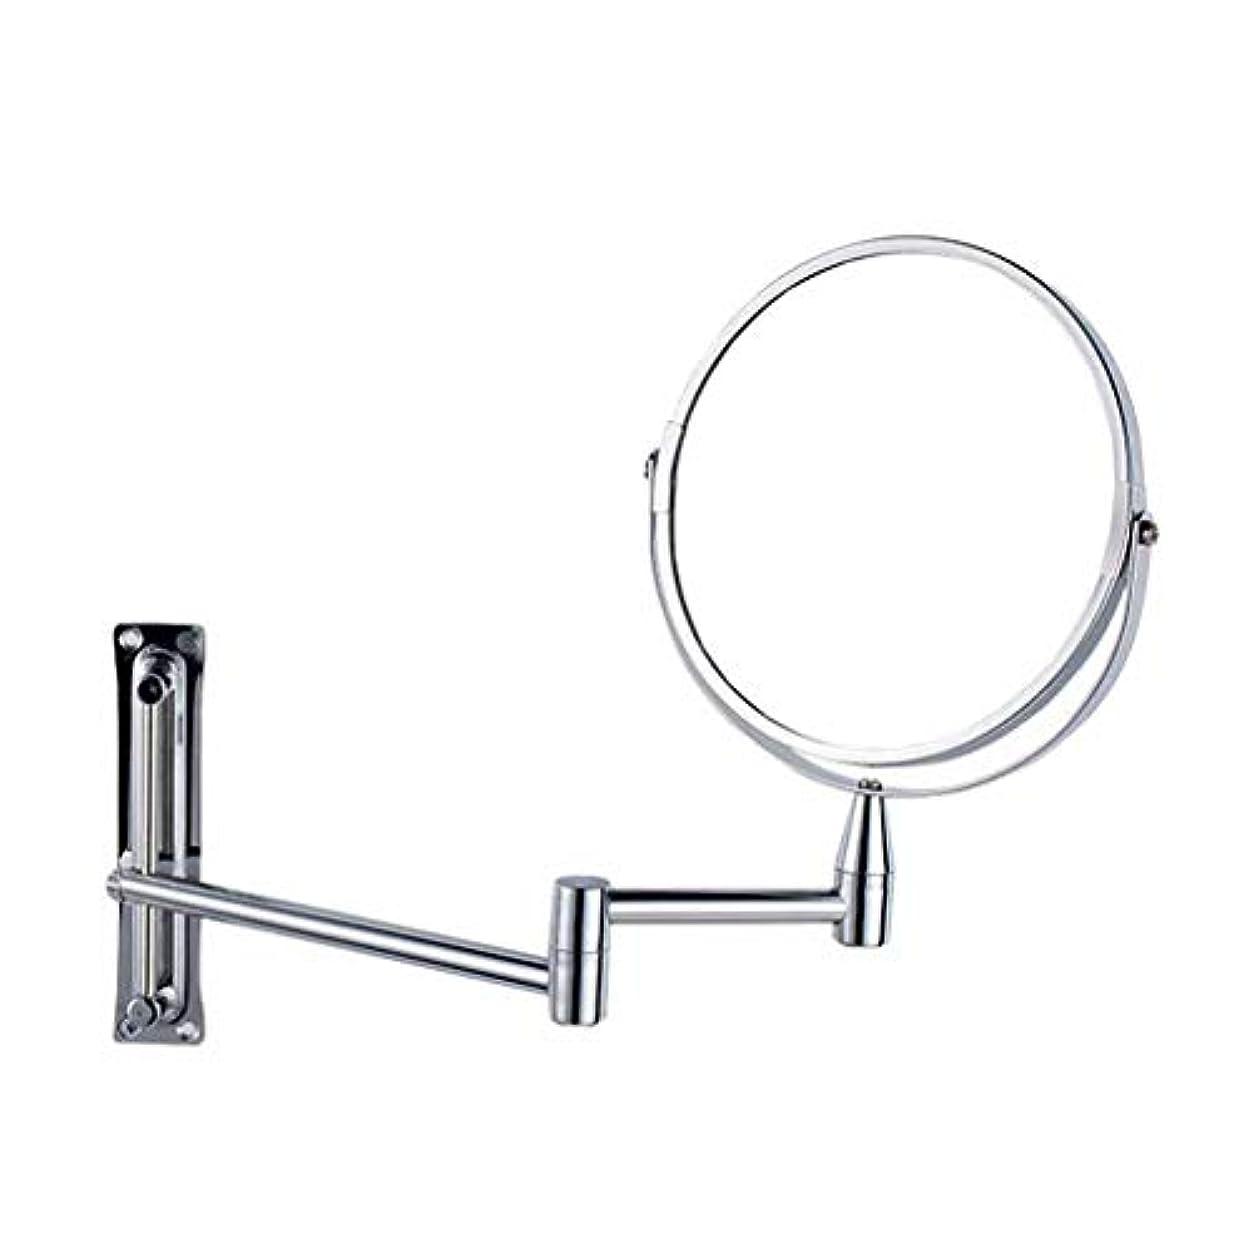 教室なんでも完璧なACMEDE 両面化粧鏡 壁付け 折りたたみ 5倍拡大鏡+等倍 360度回転 伸縮可能 壁付けミラー 洋式アームミラー メイク道具 洗面所に取り付け